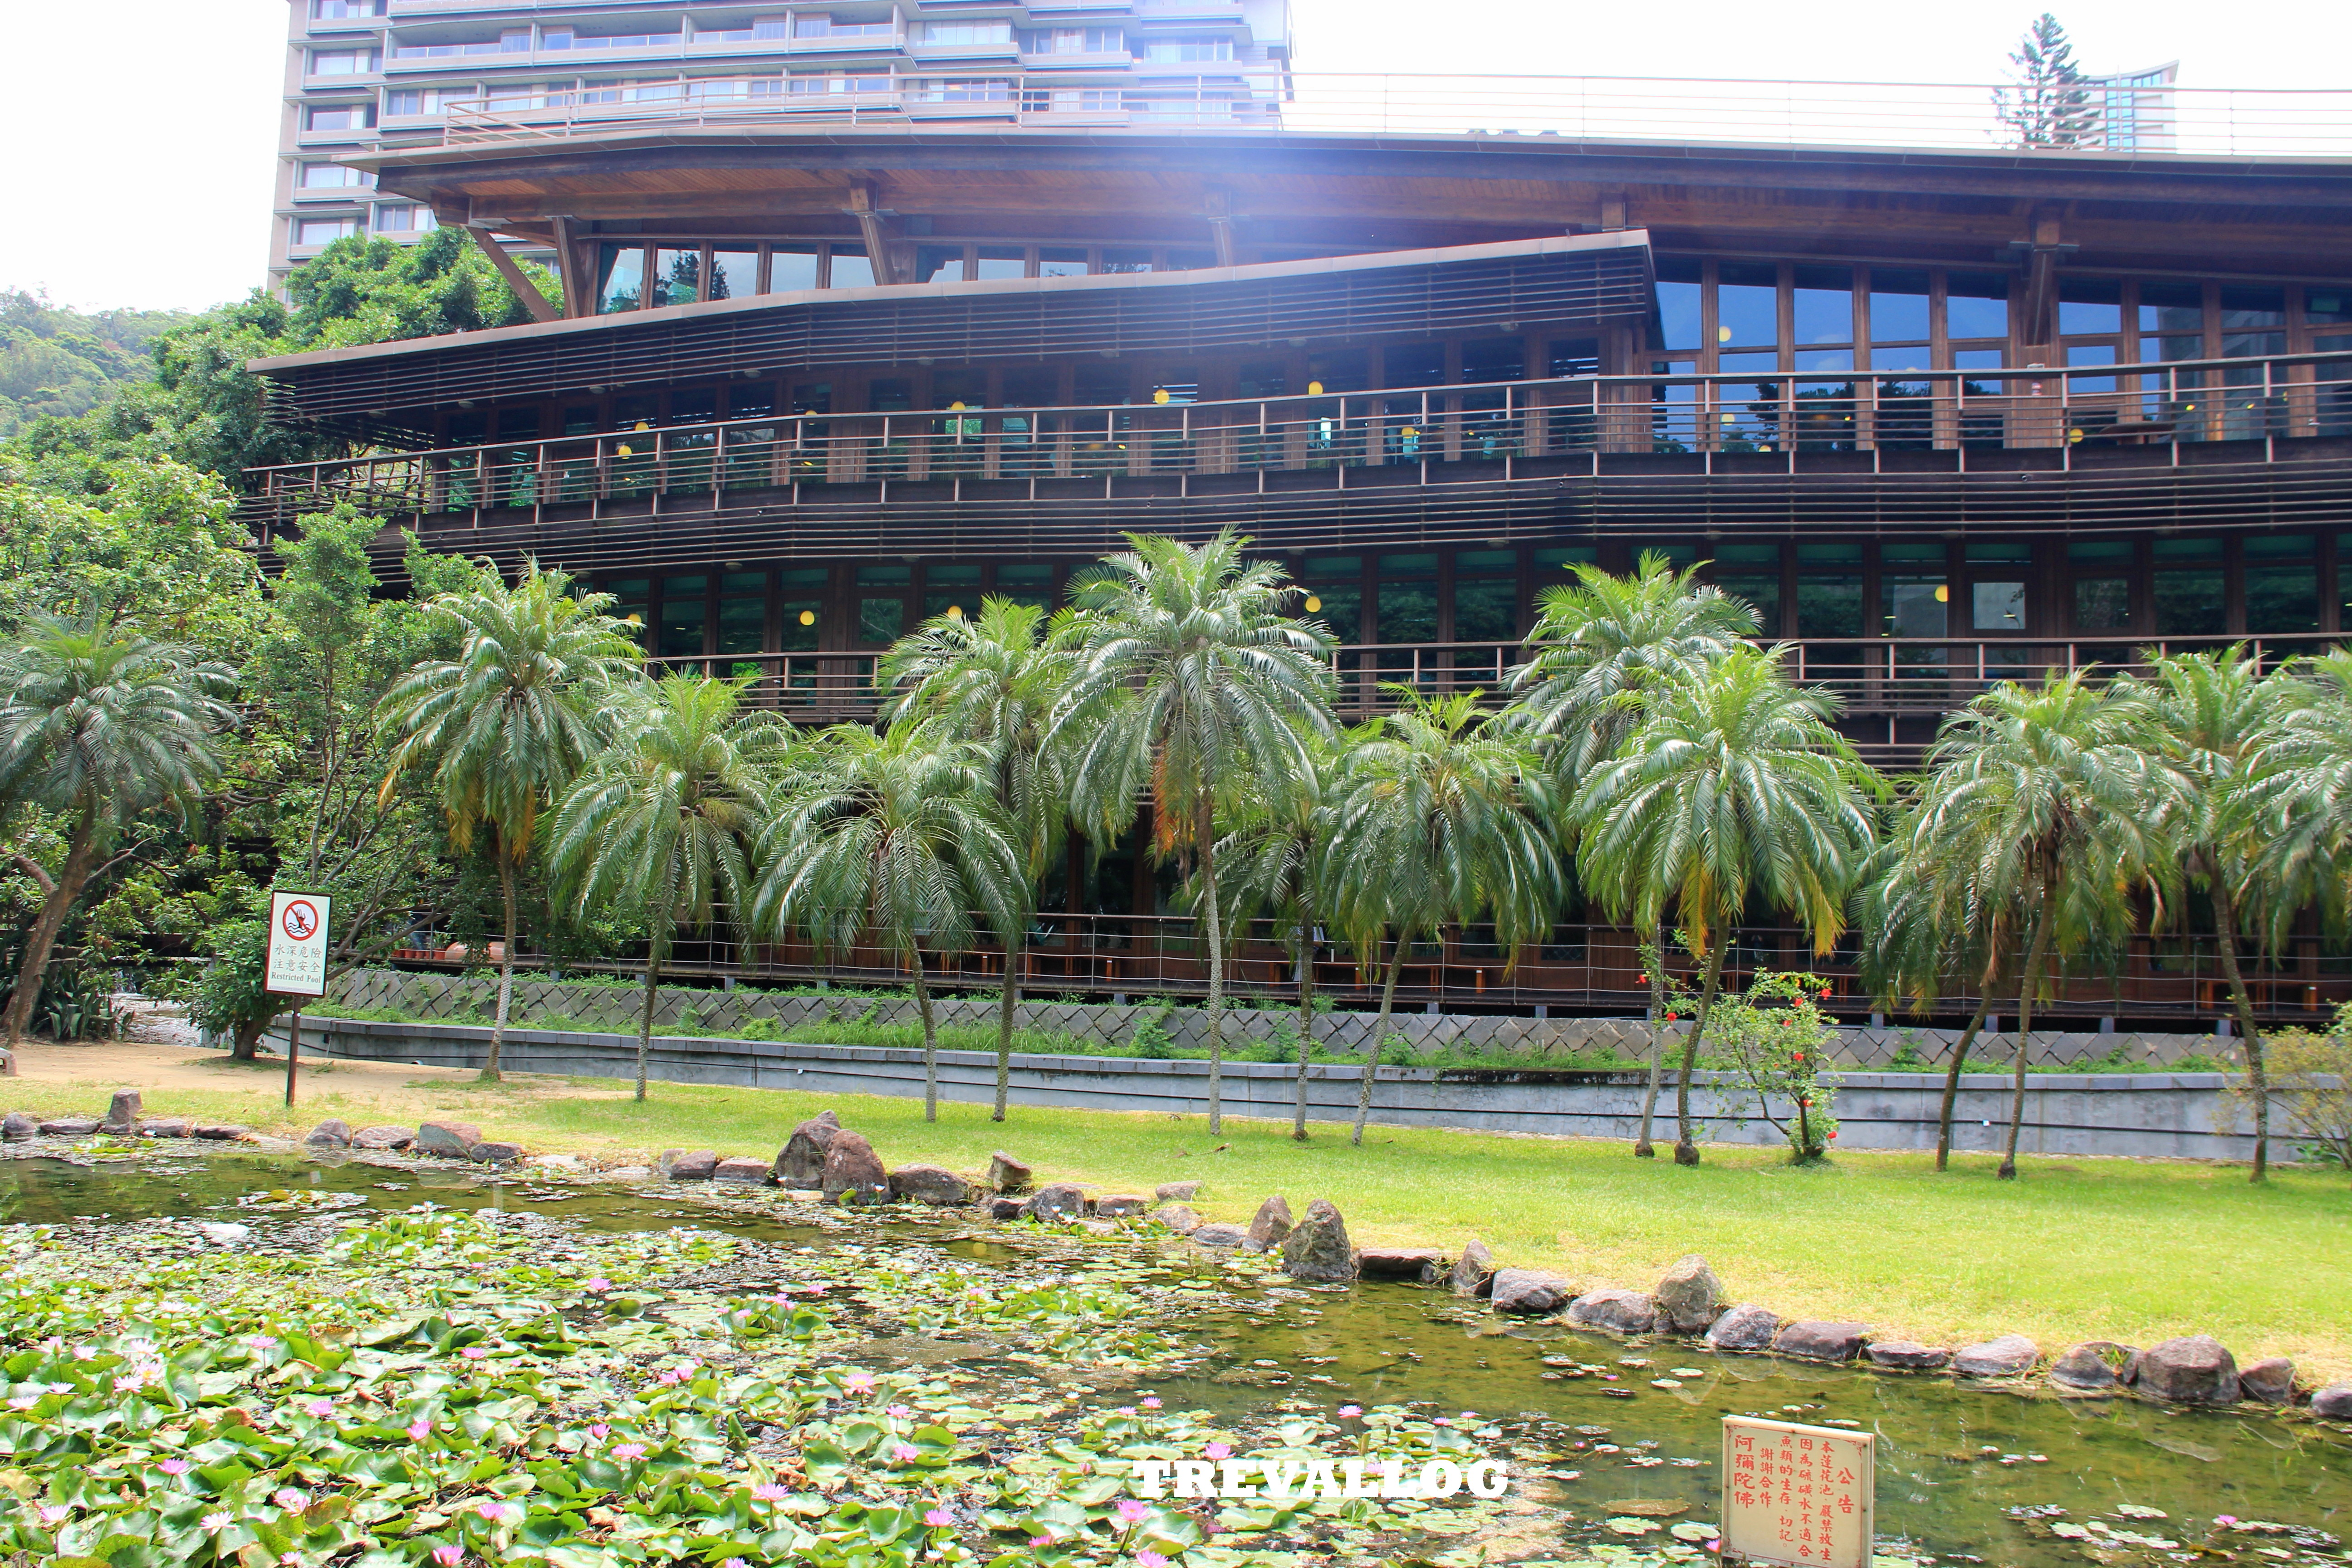 Taipei Public Library (Beitou Branch), Taiwan